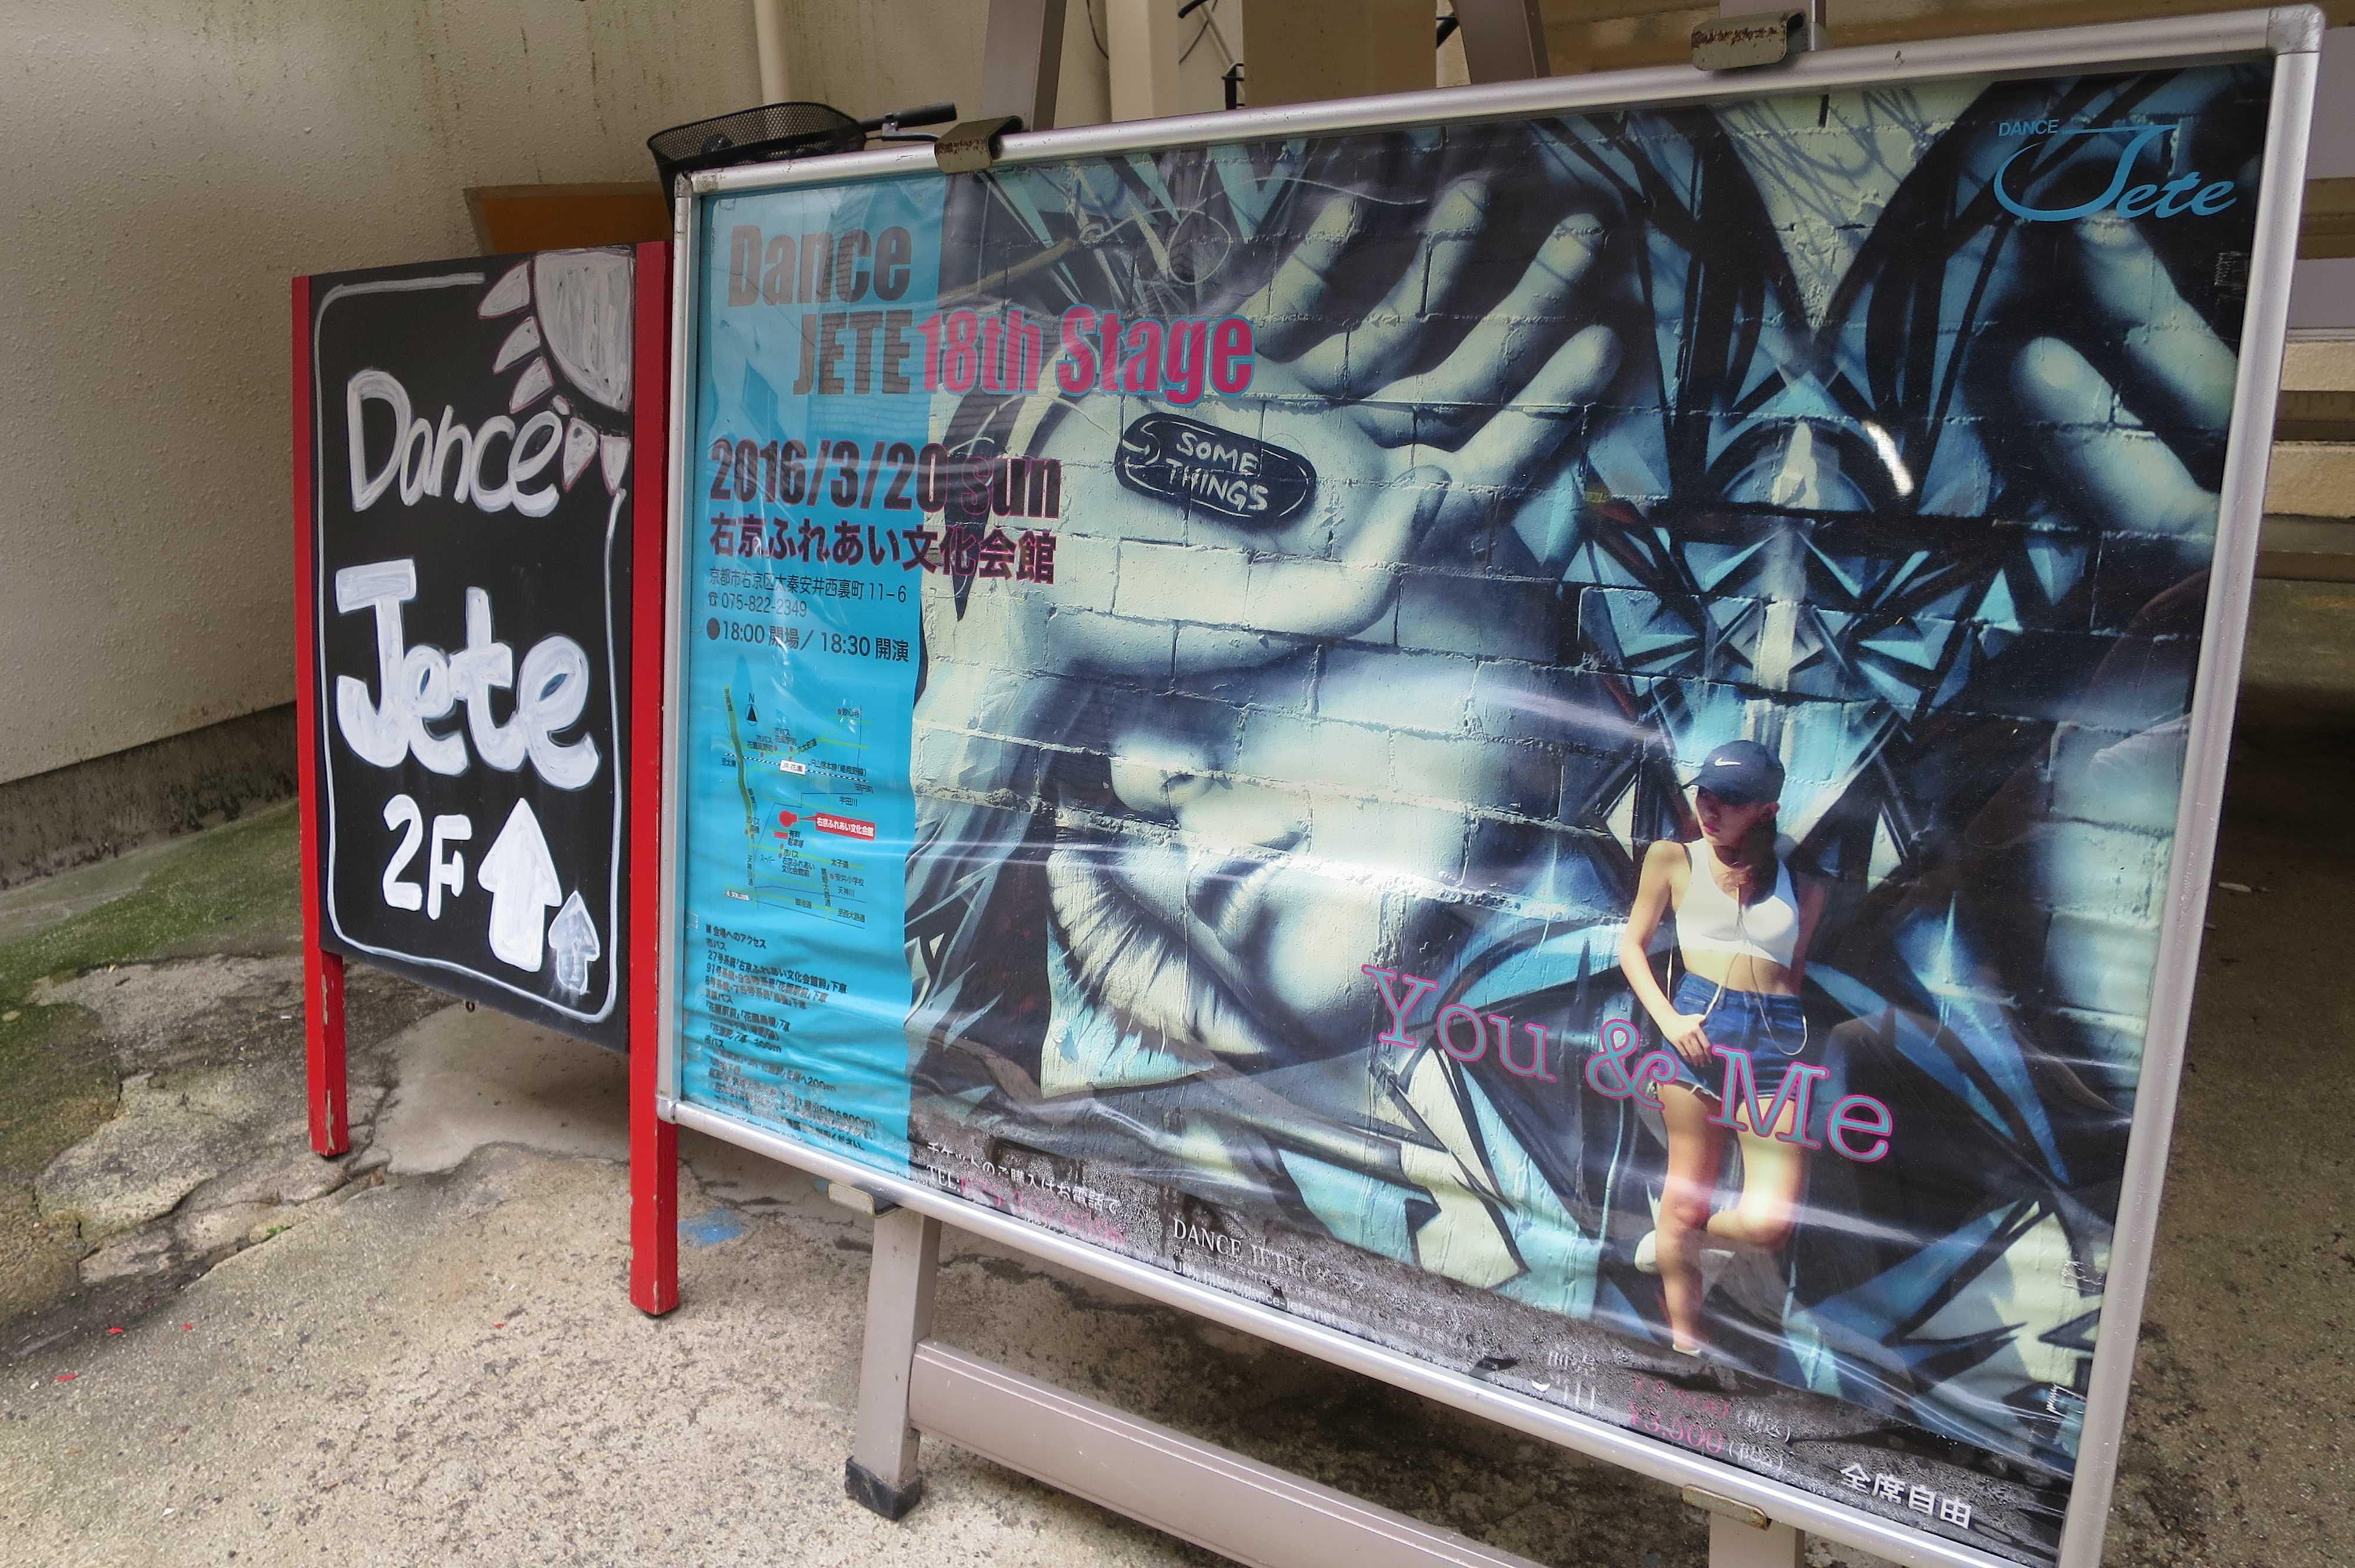 ダンススクール「STUDIO JETE」の告知パネル(京都市下京区)